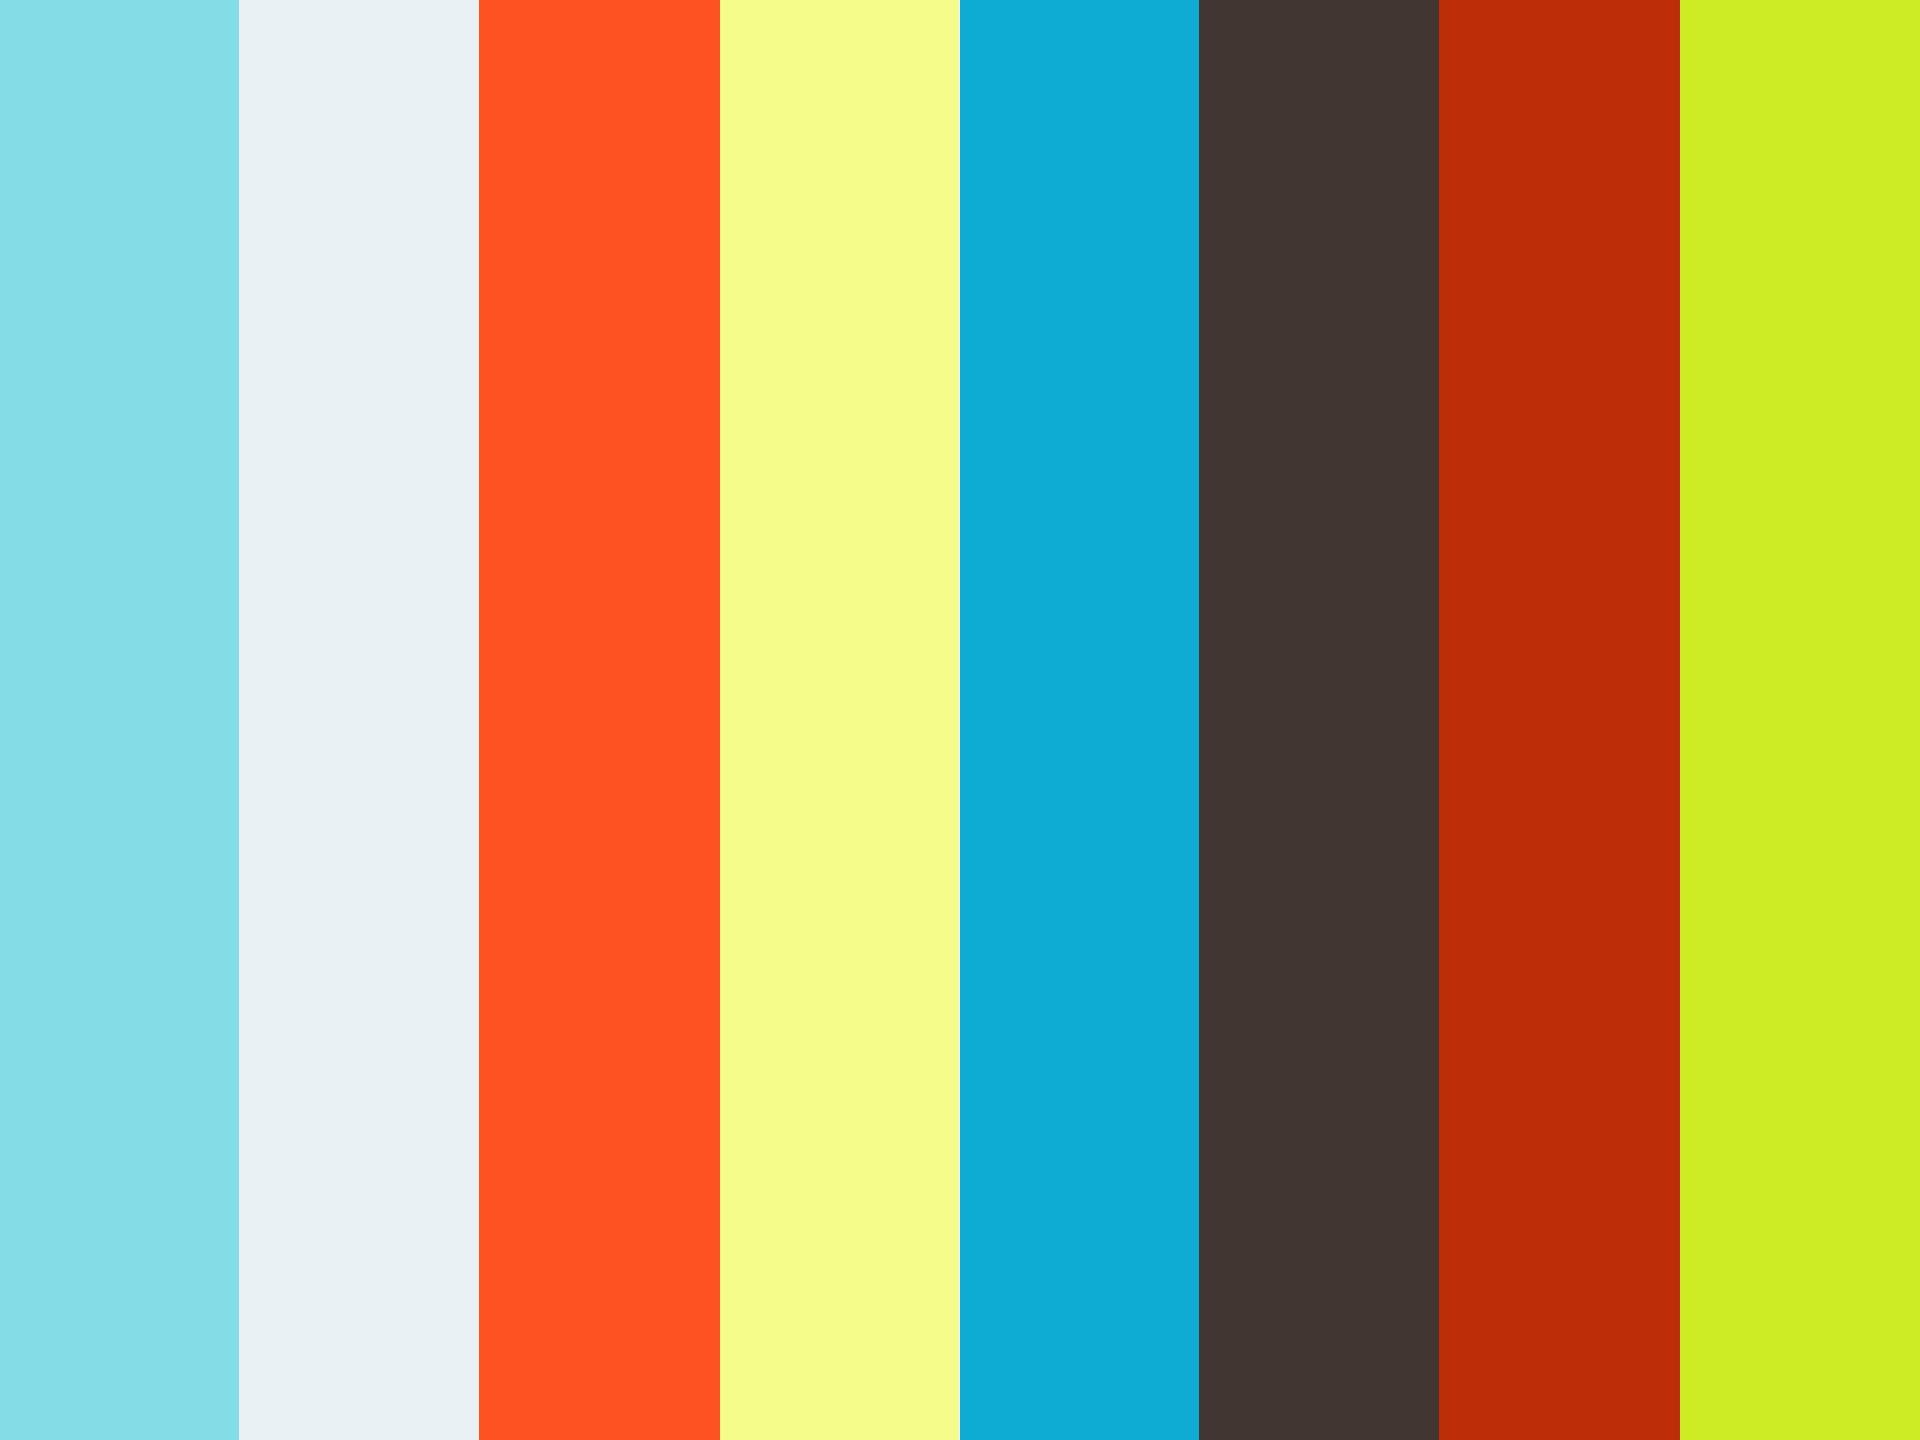 MERCEDES-BENZ C300 - BLACK - 2018